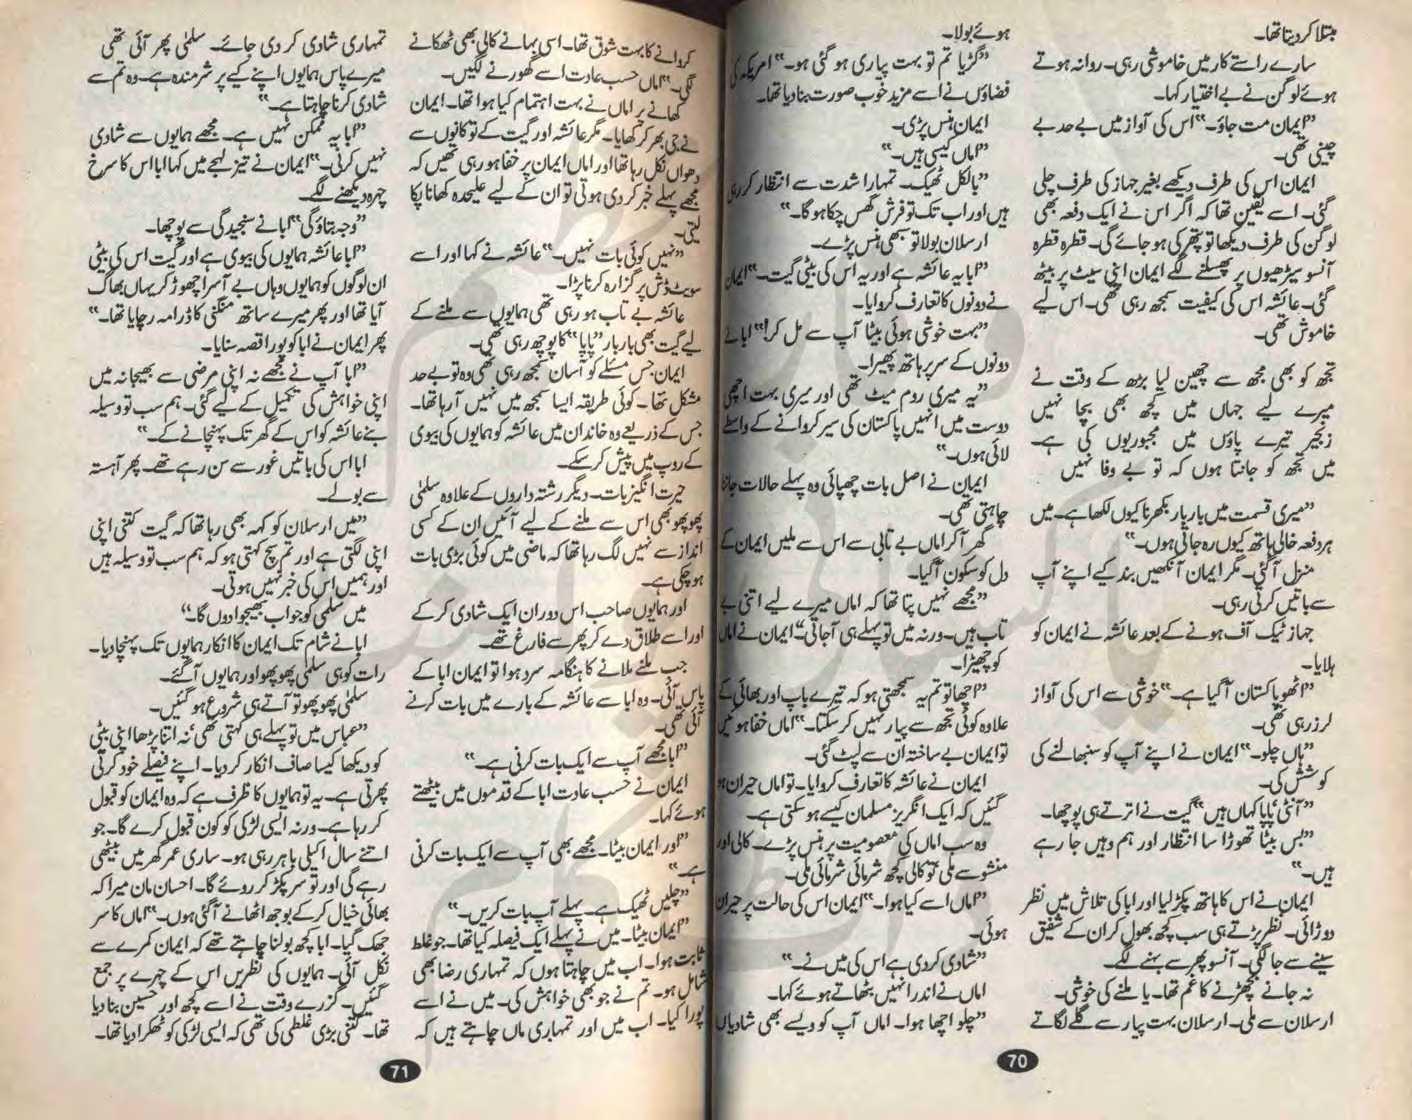 An Accident Urdu Essay Road Accident Aik Khofnak Hadsa Bus Ka Traffic Accident Mazmoon